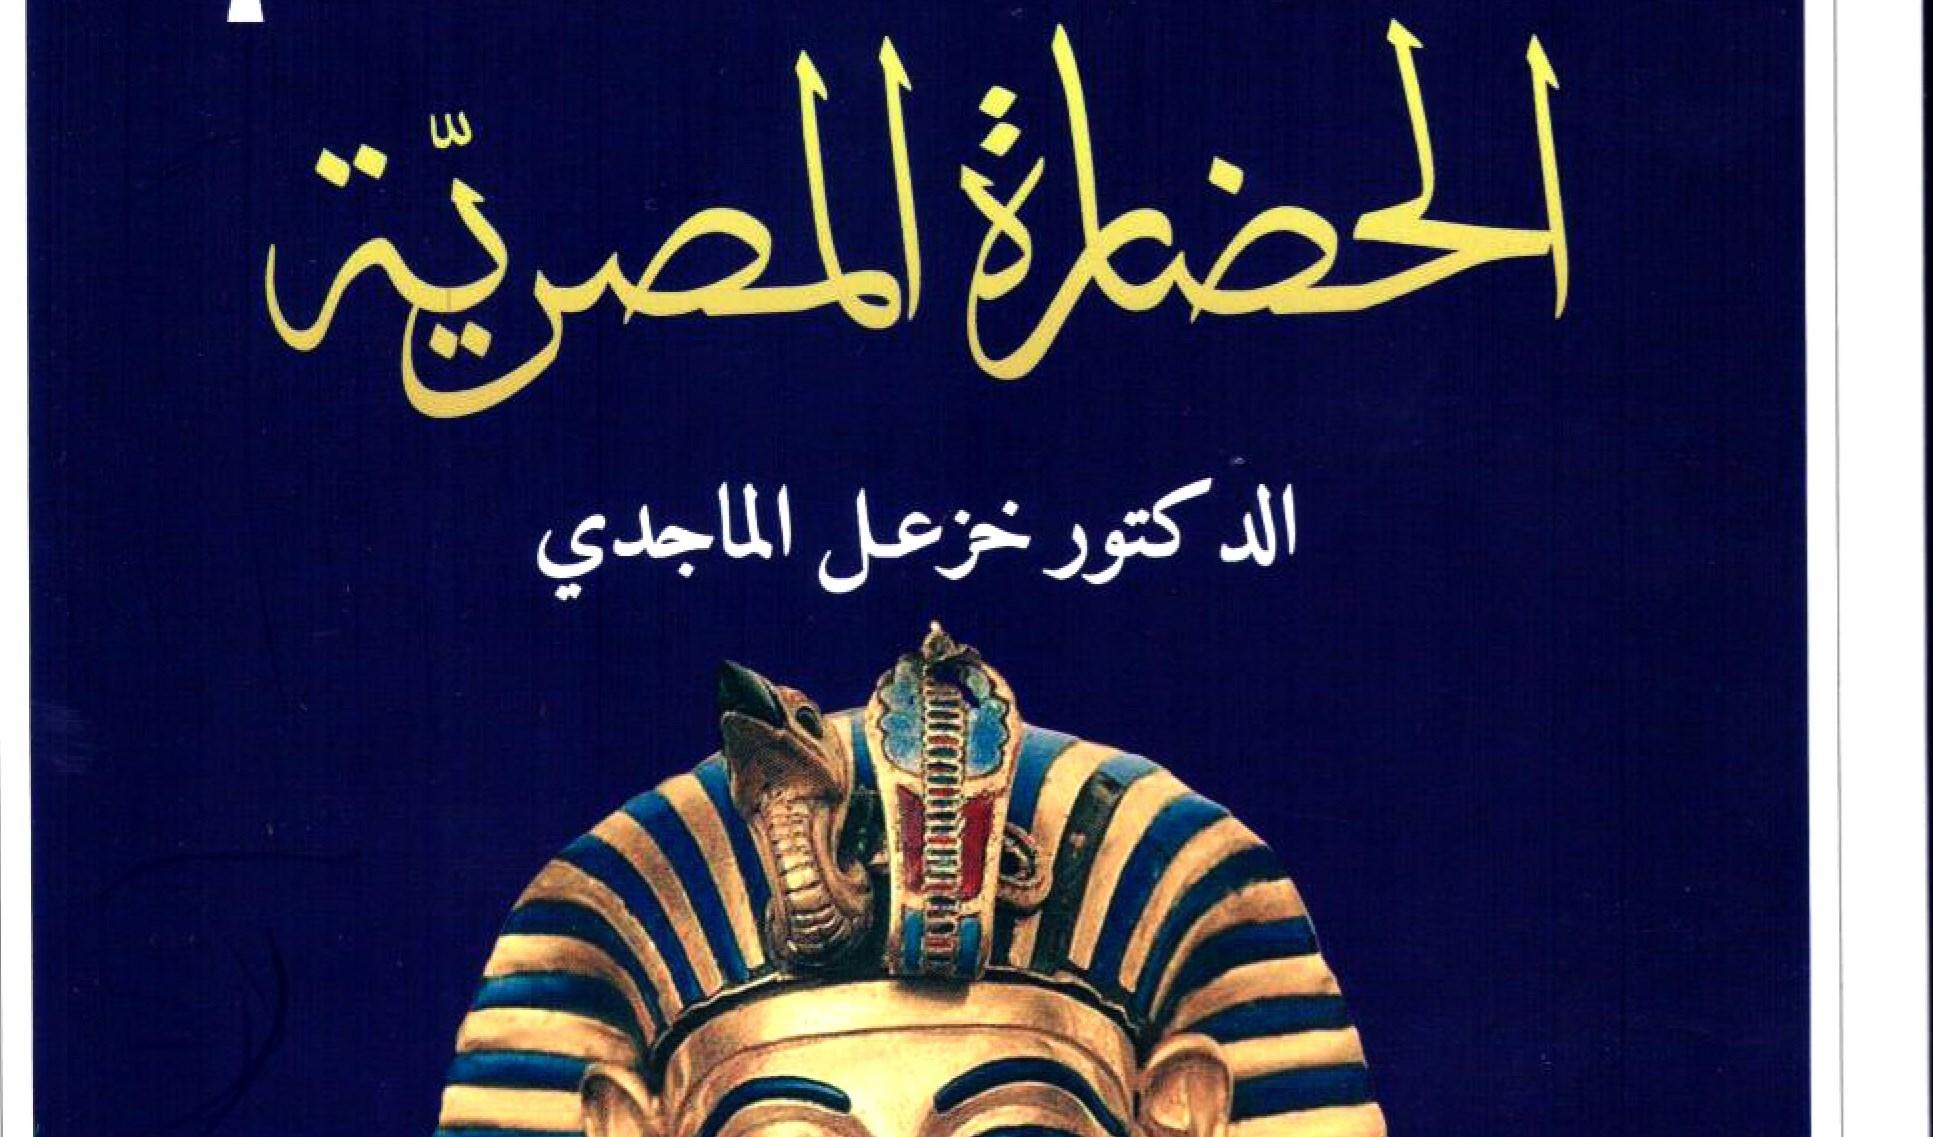 الحضارة المصرية خزعل الماجدي pdf